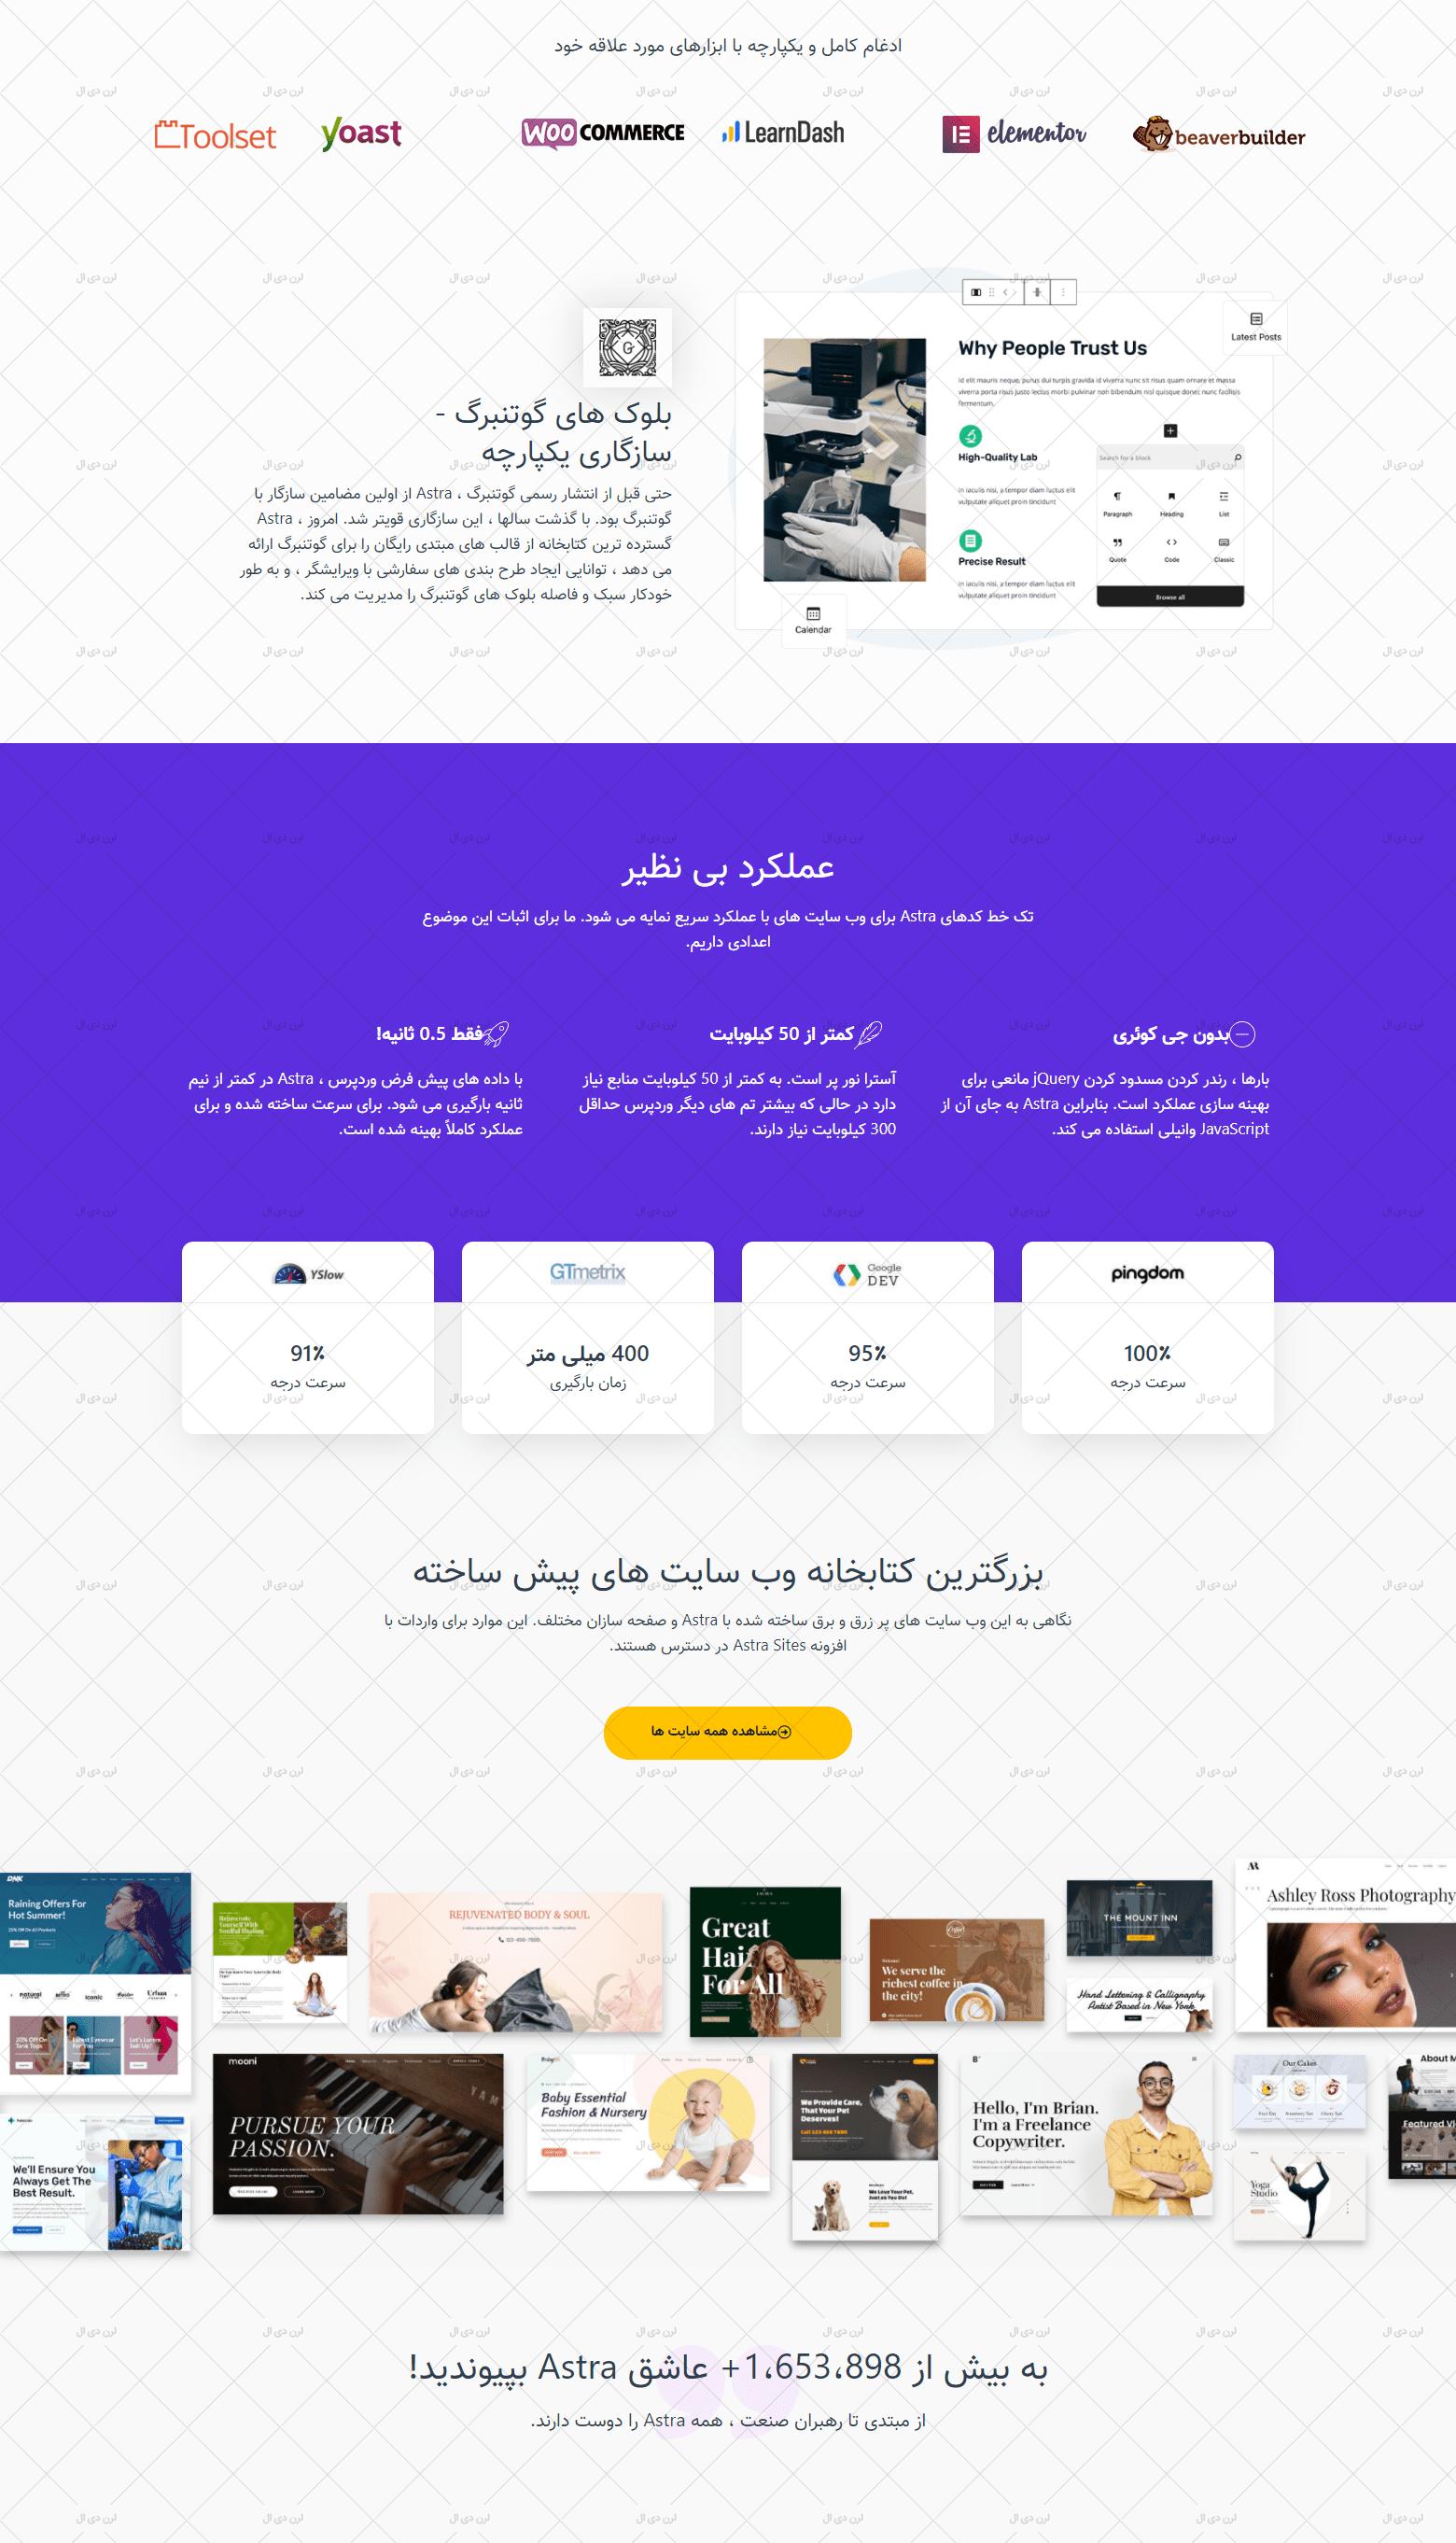 دانلود قالب وردپرس آسترا نسخه فارسی شده